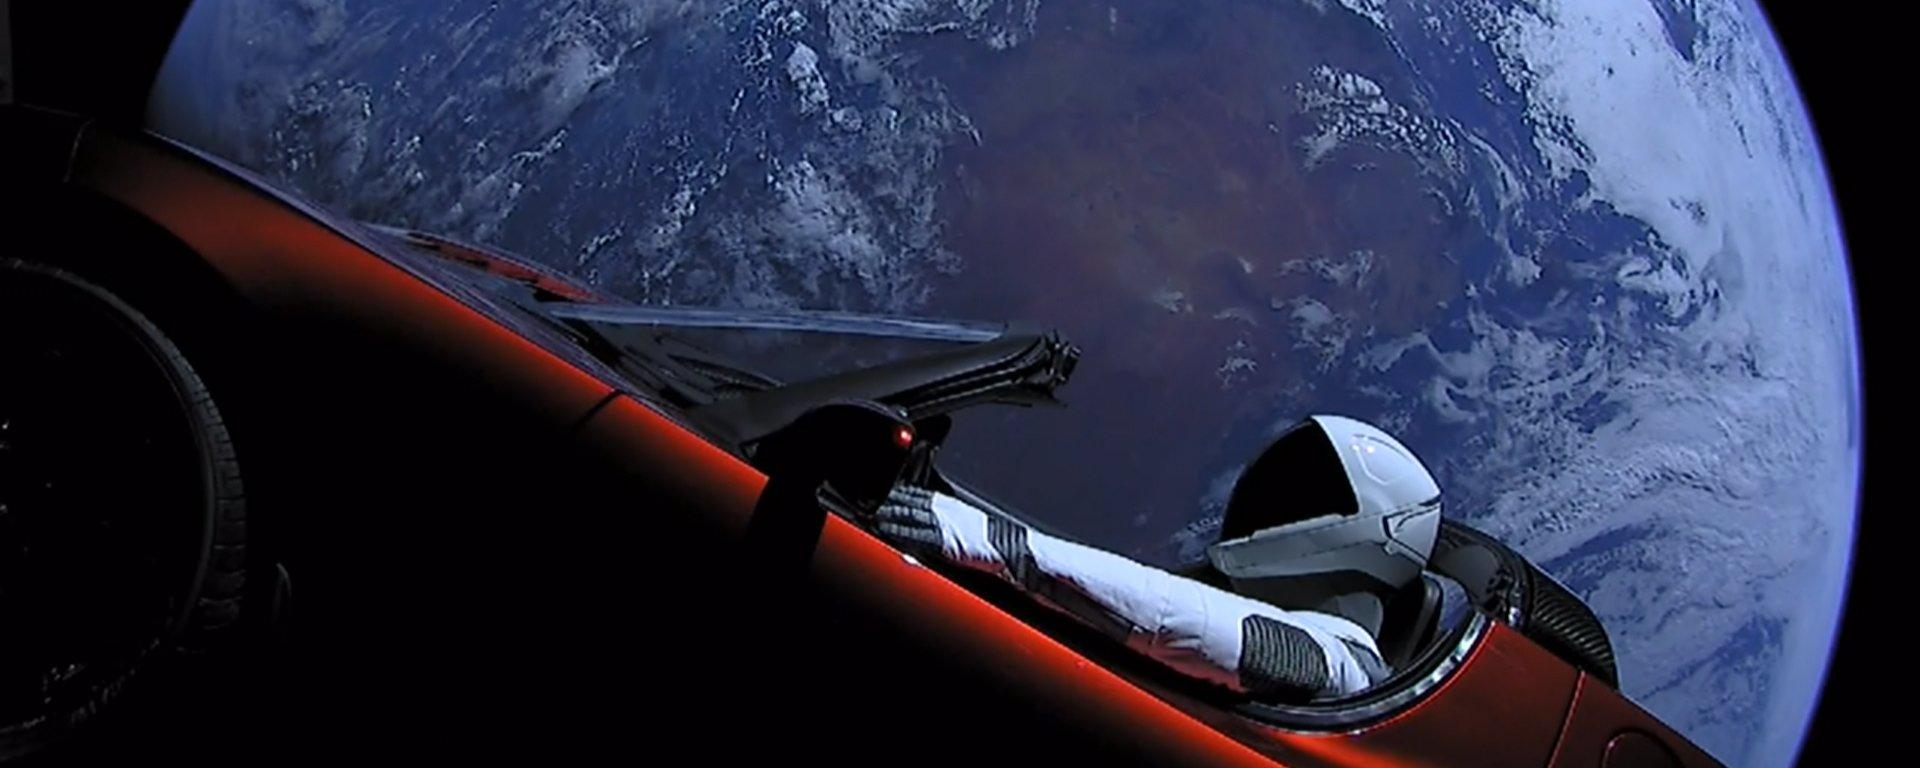 Carro espacial de Elon Musk tem 11% de chance de colidir com a Terra